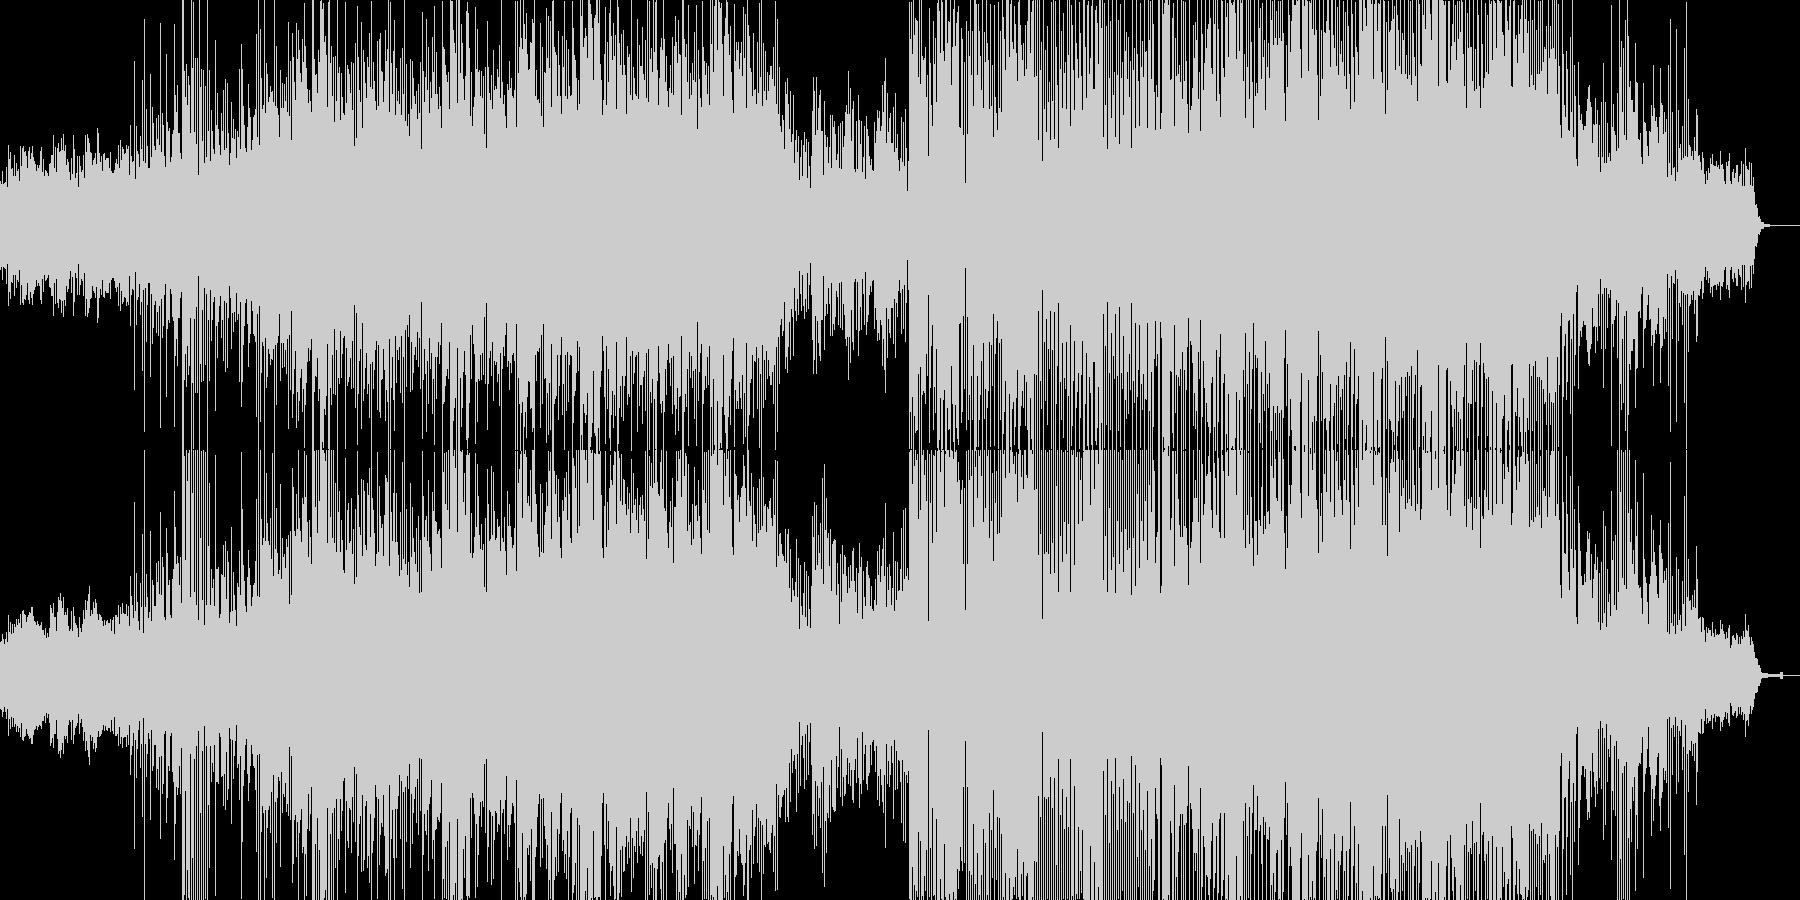 ファンタジー系の幻想的なテクノポップの未再生の波形